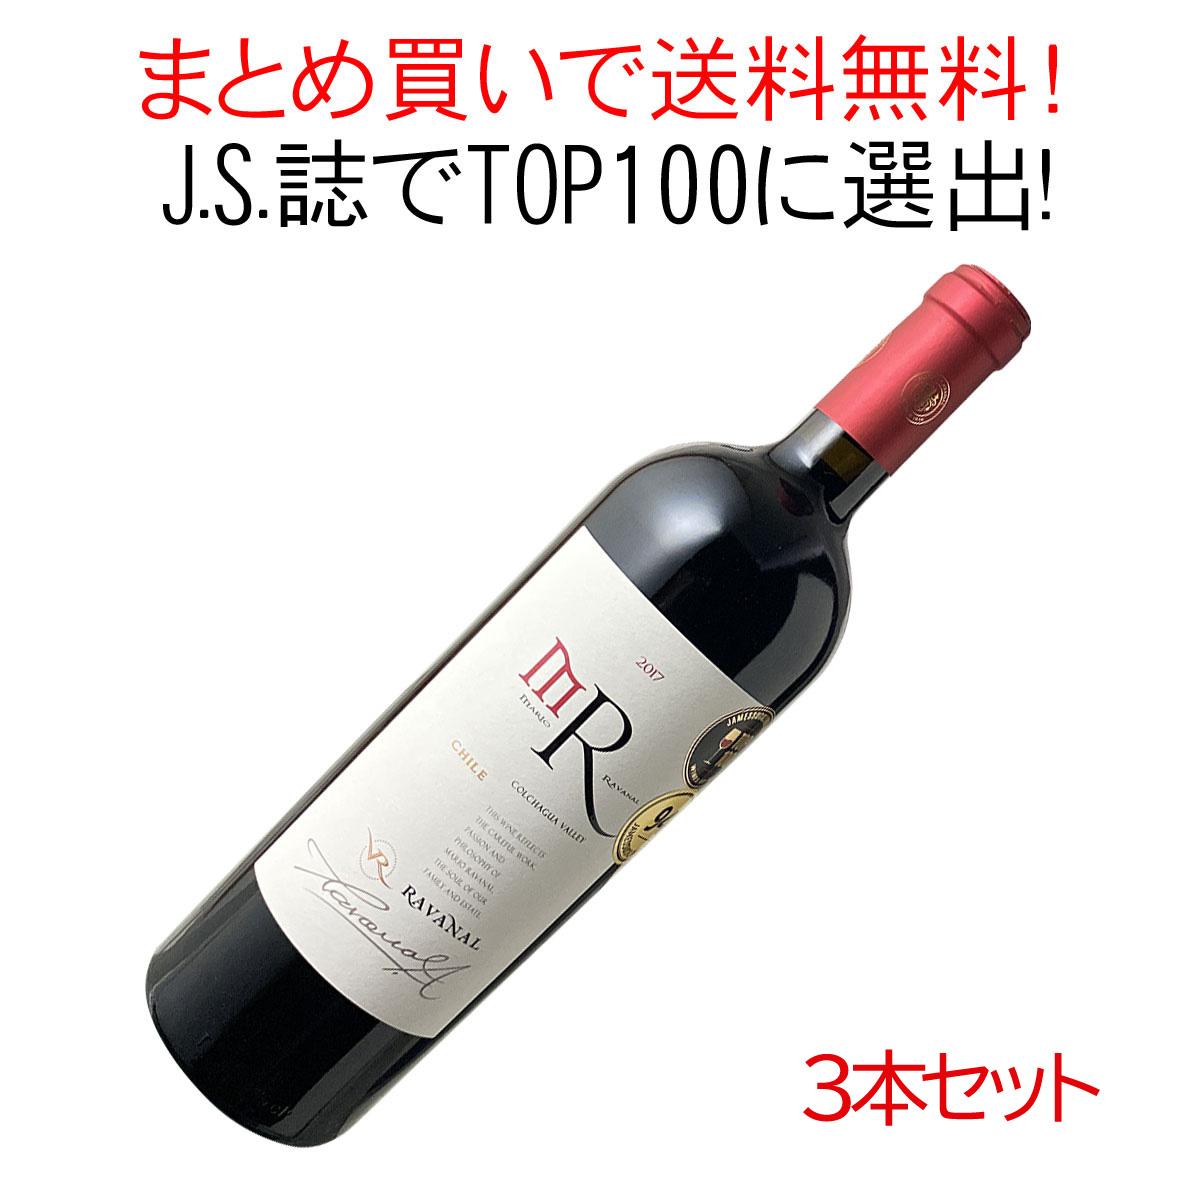 【送料無料】ラヴァナル MR マリオ・ラヴァナル プレミアム  [2017] ラヴァナル 1ケース6本セット <ワイン/チリ>